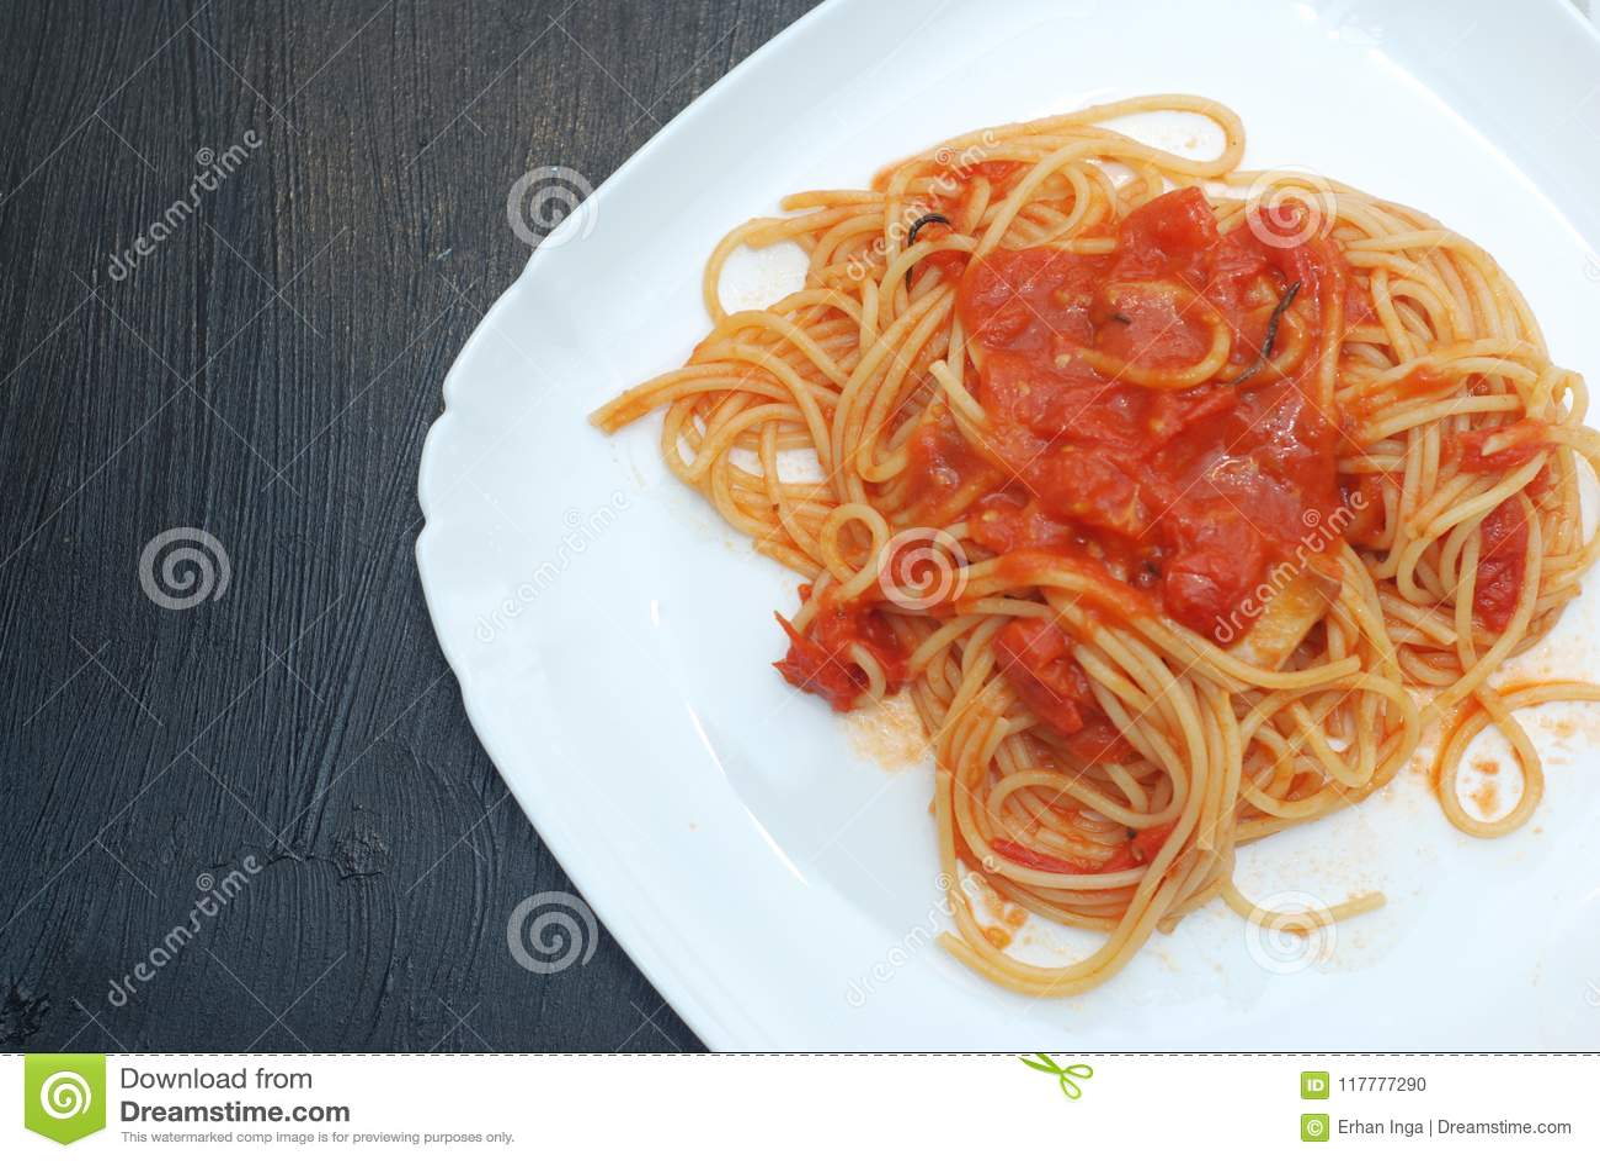 Italienare Spagetthi Bolognese med tomater kryddad sås i den isolerade vita plattan